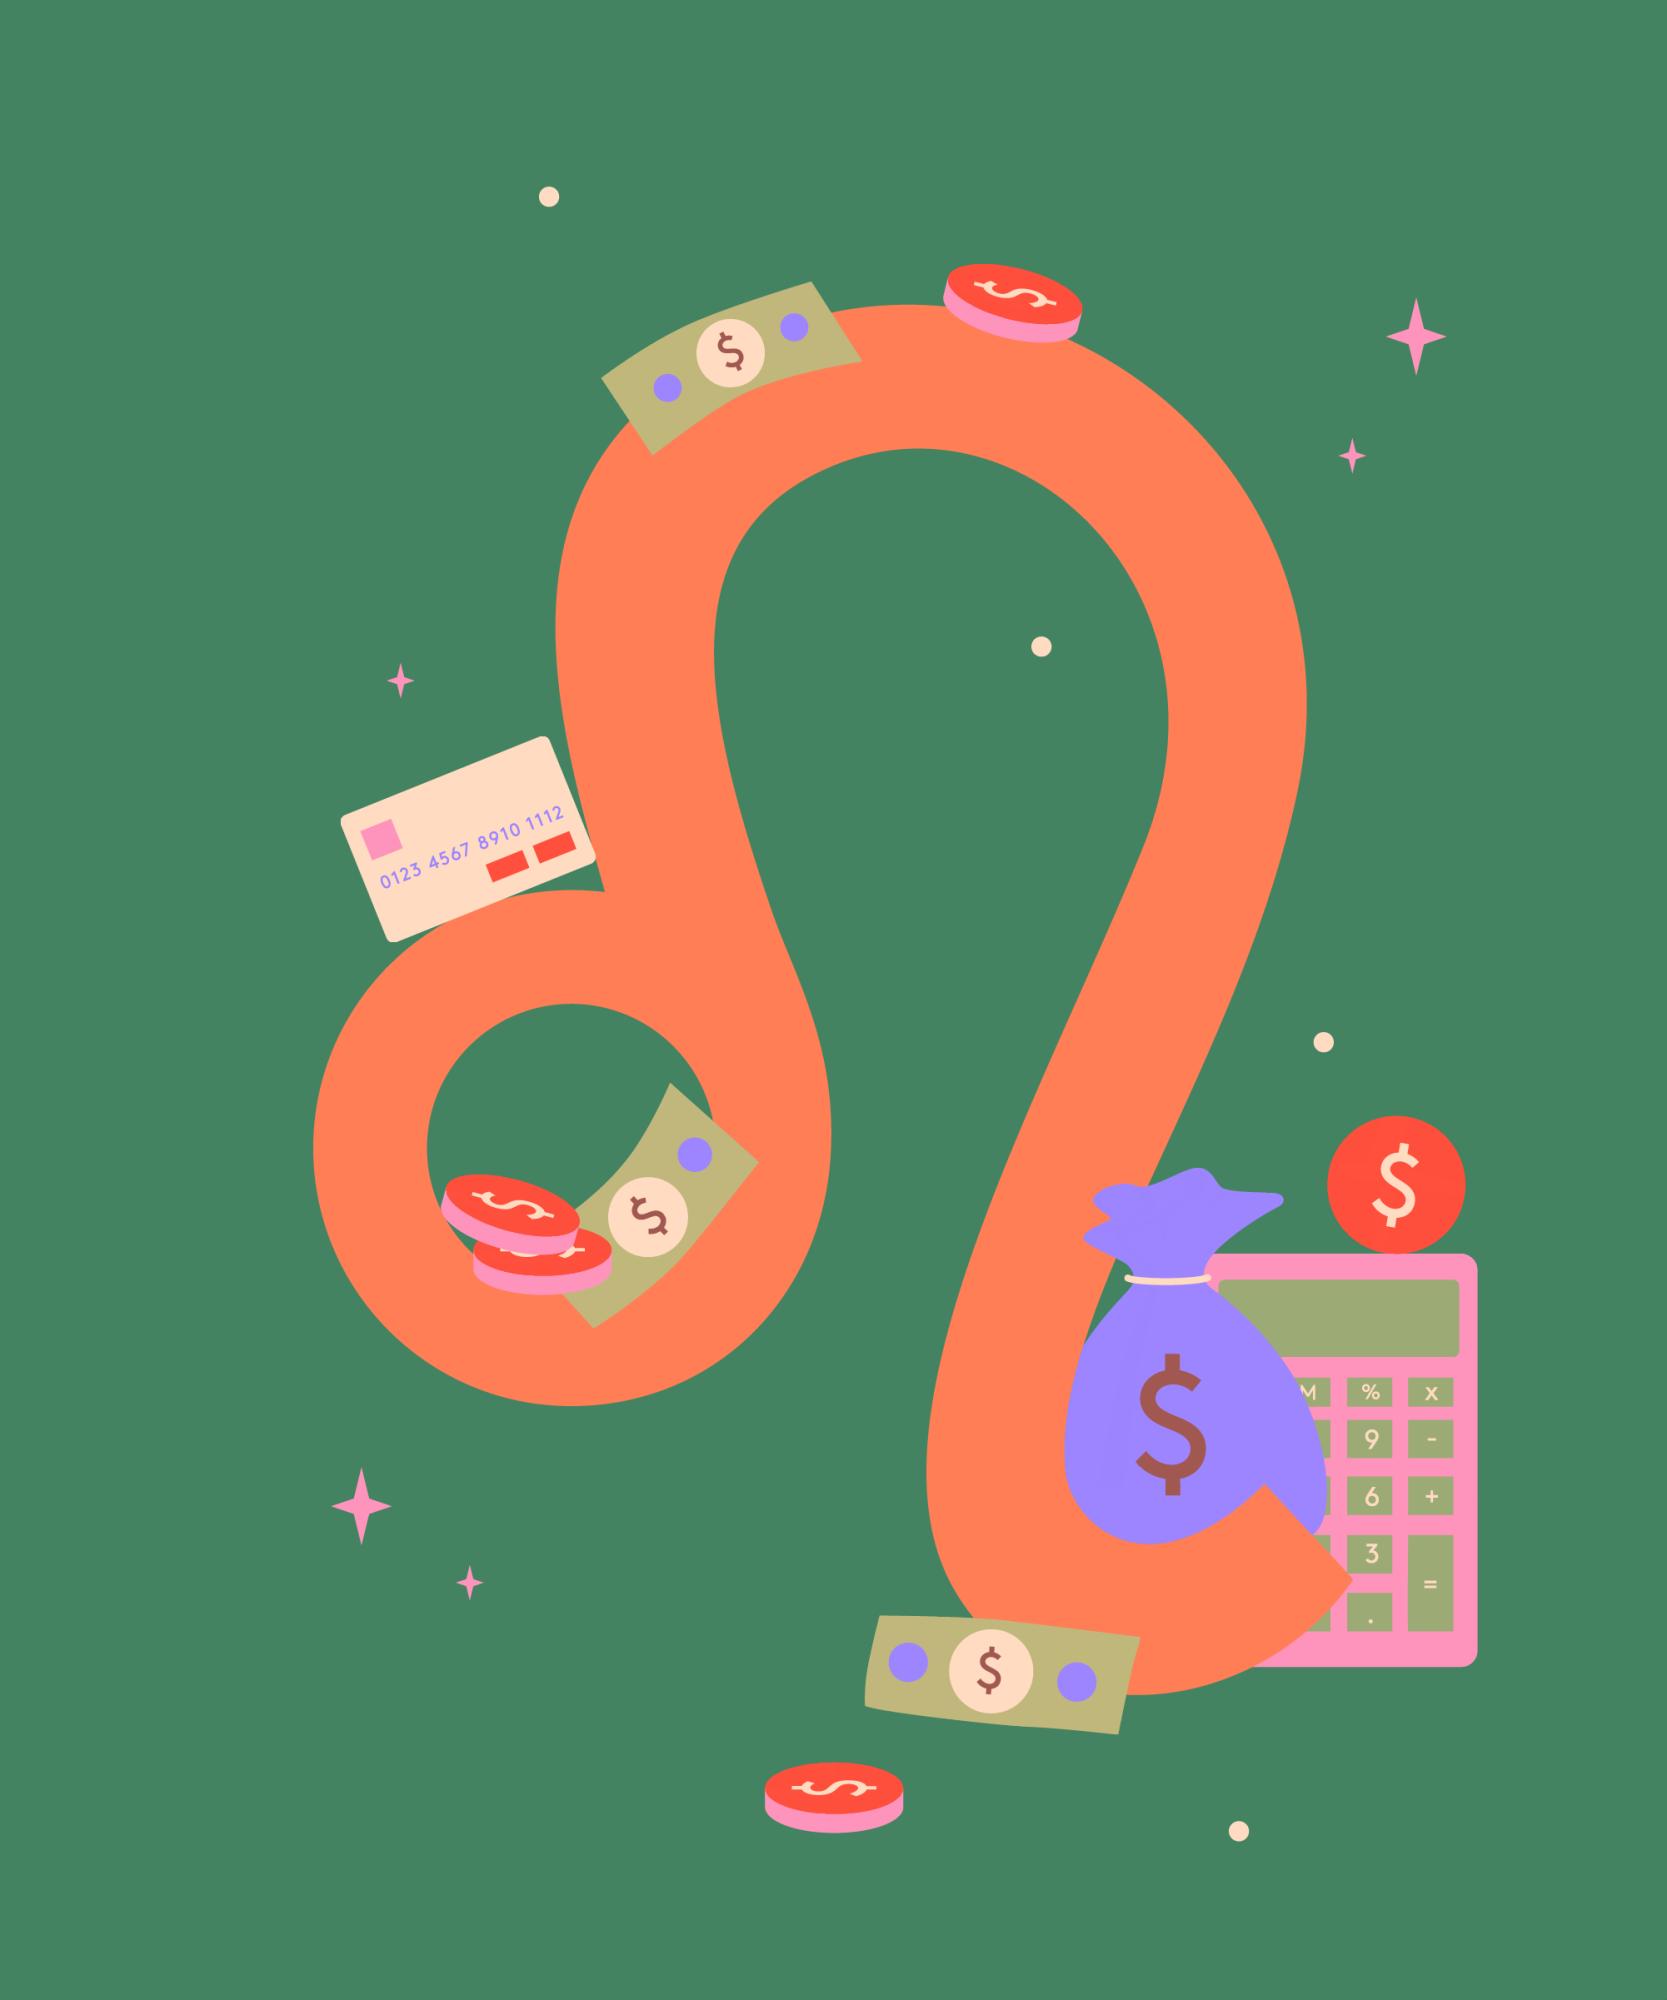 Sự phát triển tài chính trong năm 2019 của Sư Tử